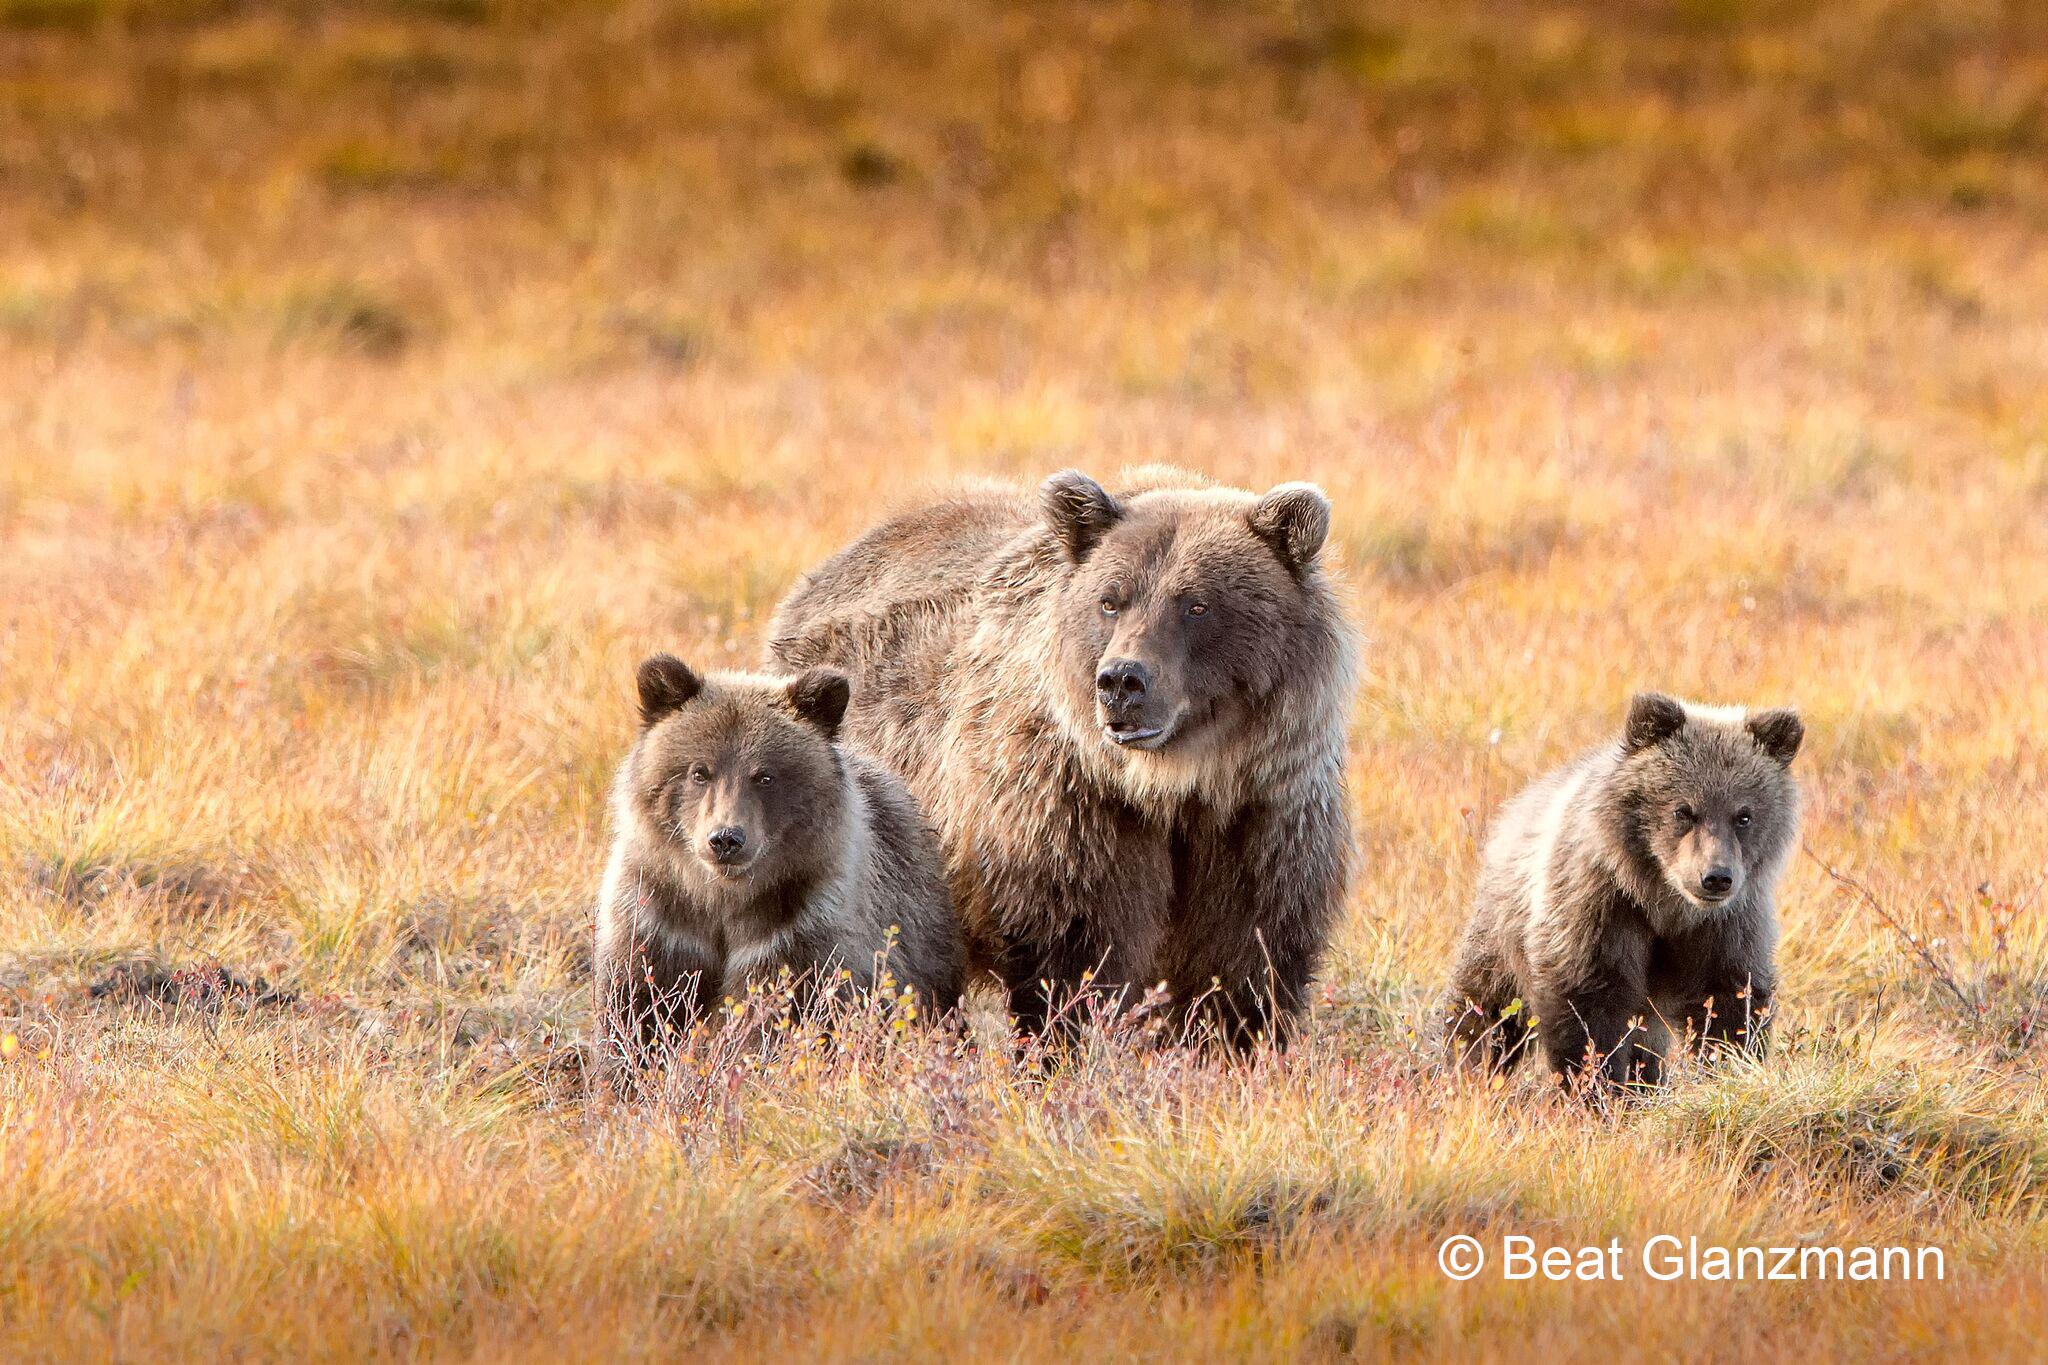 ... Bärenfamilie